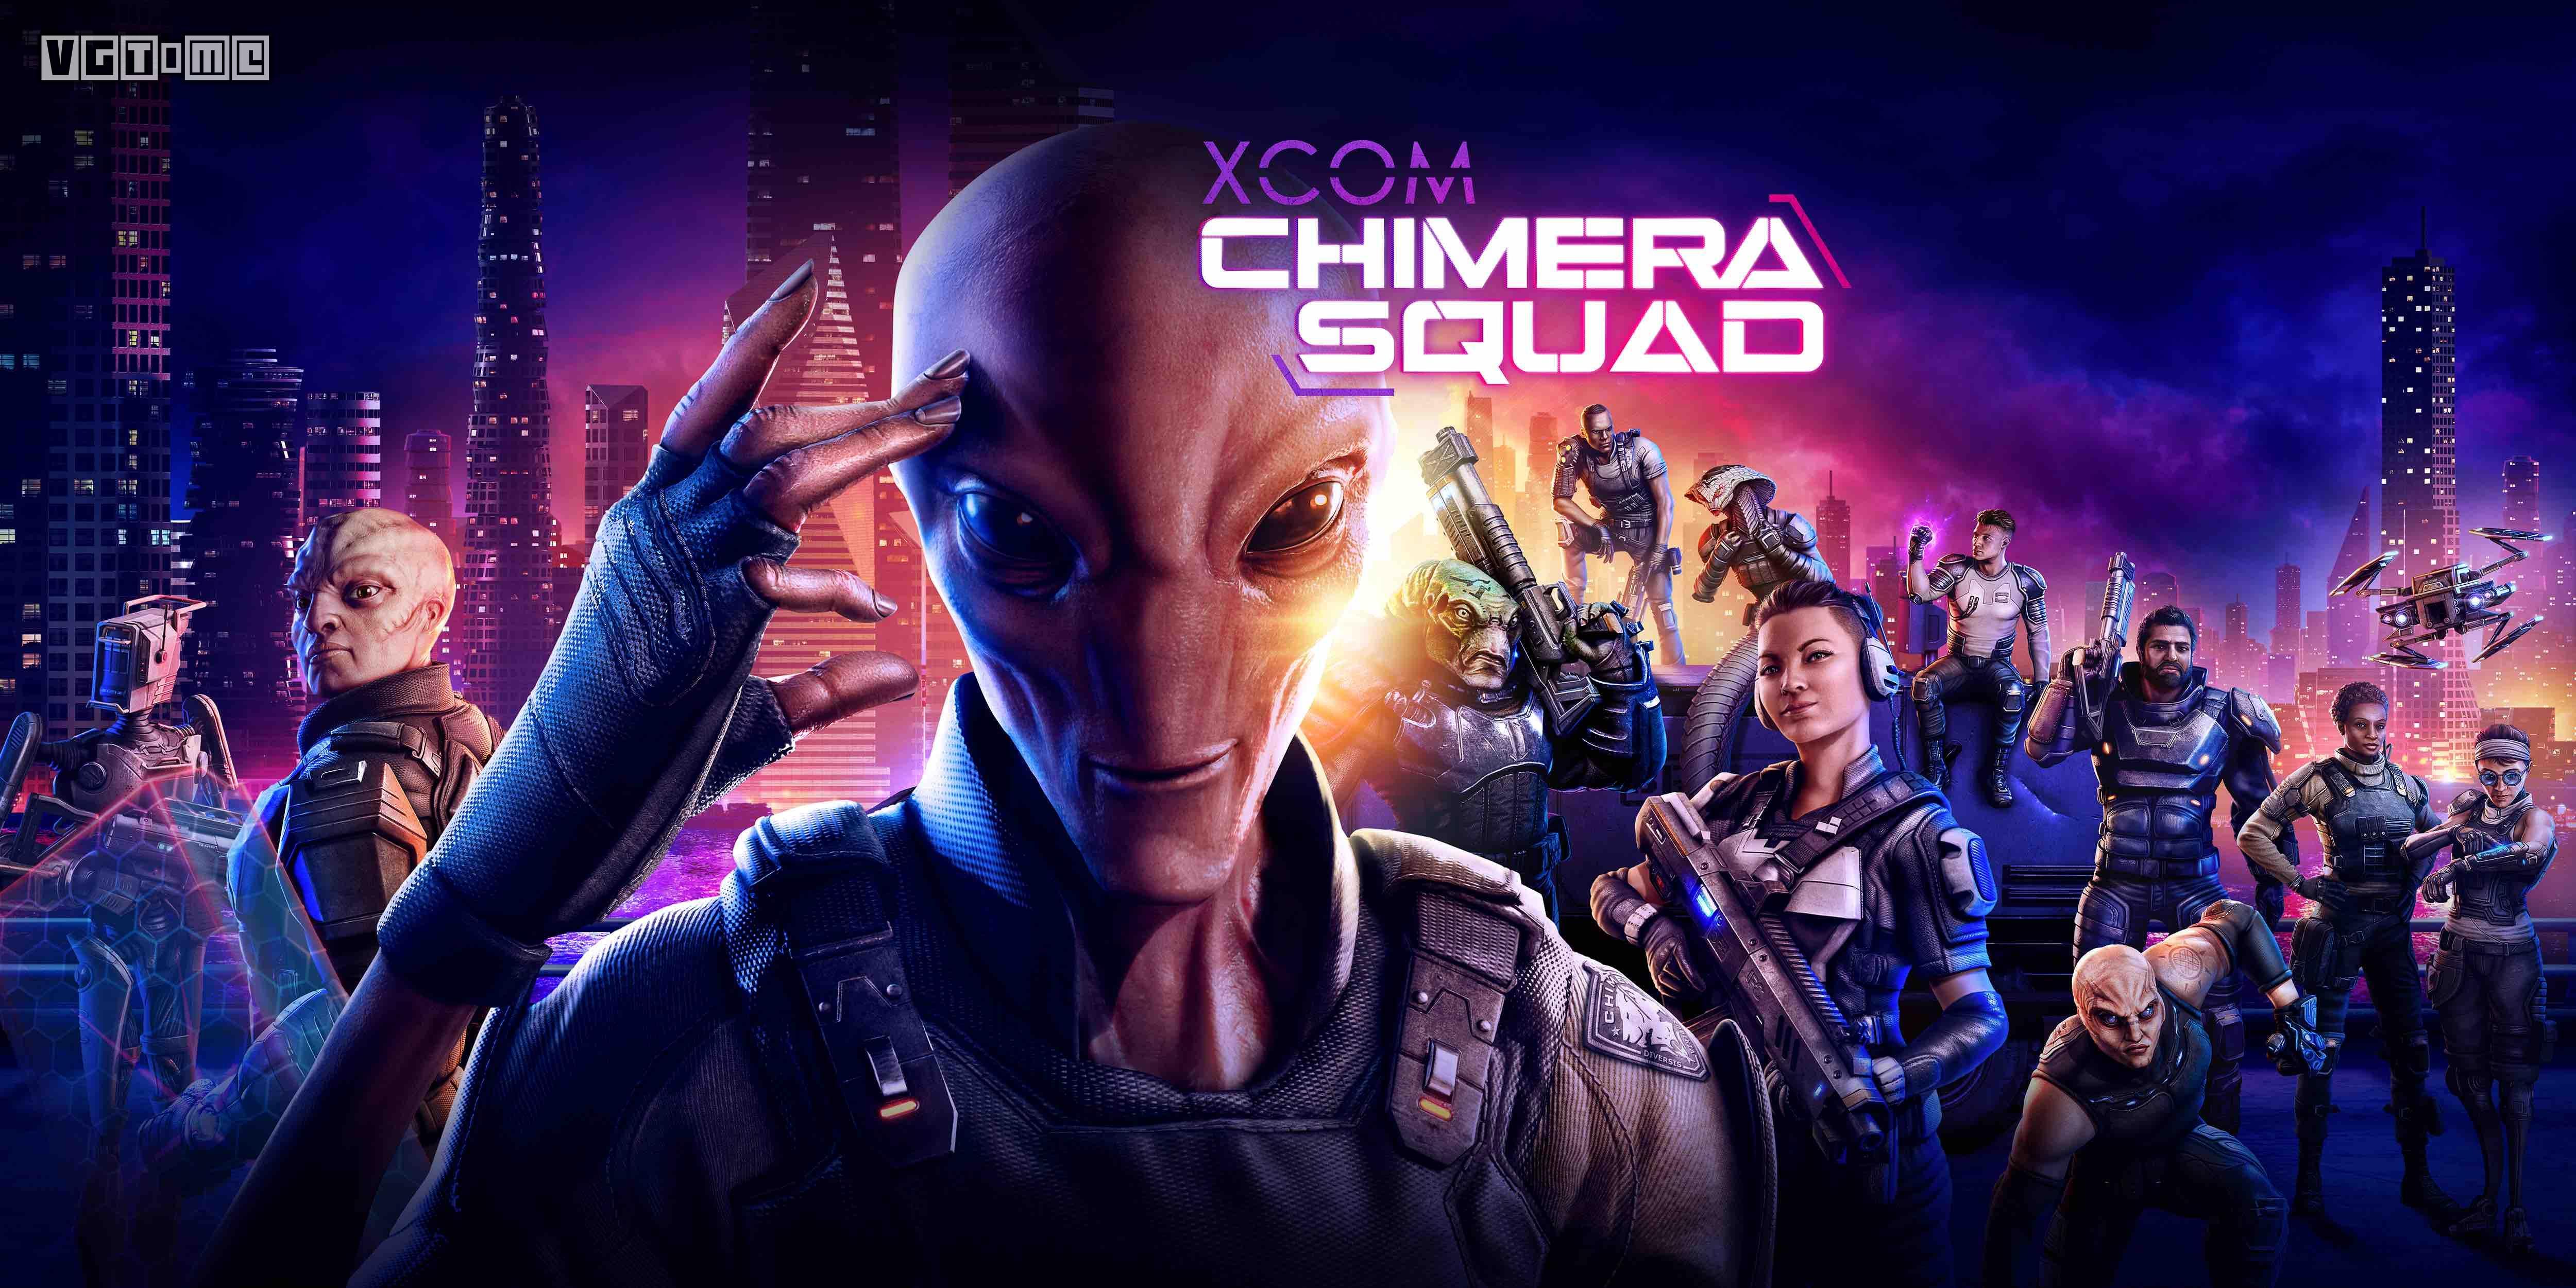 《幽浮》系列新作「奇美拉战队」将于4月24日登陆PC